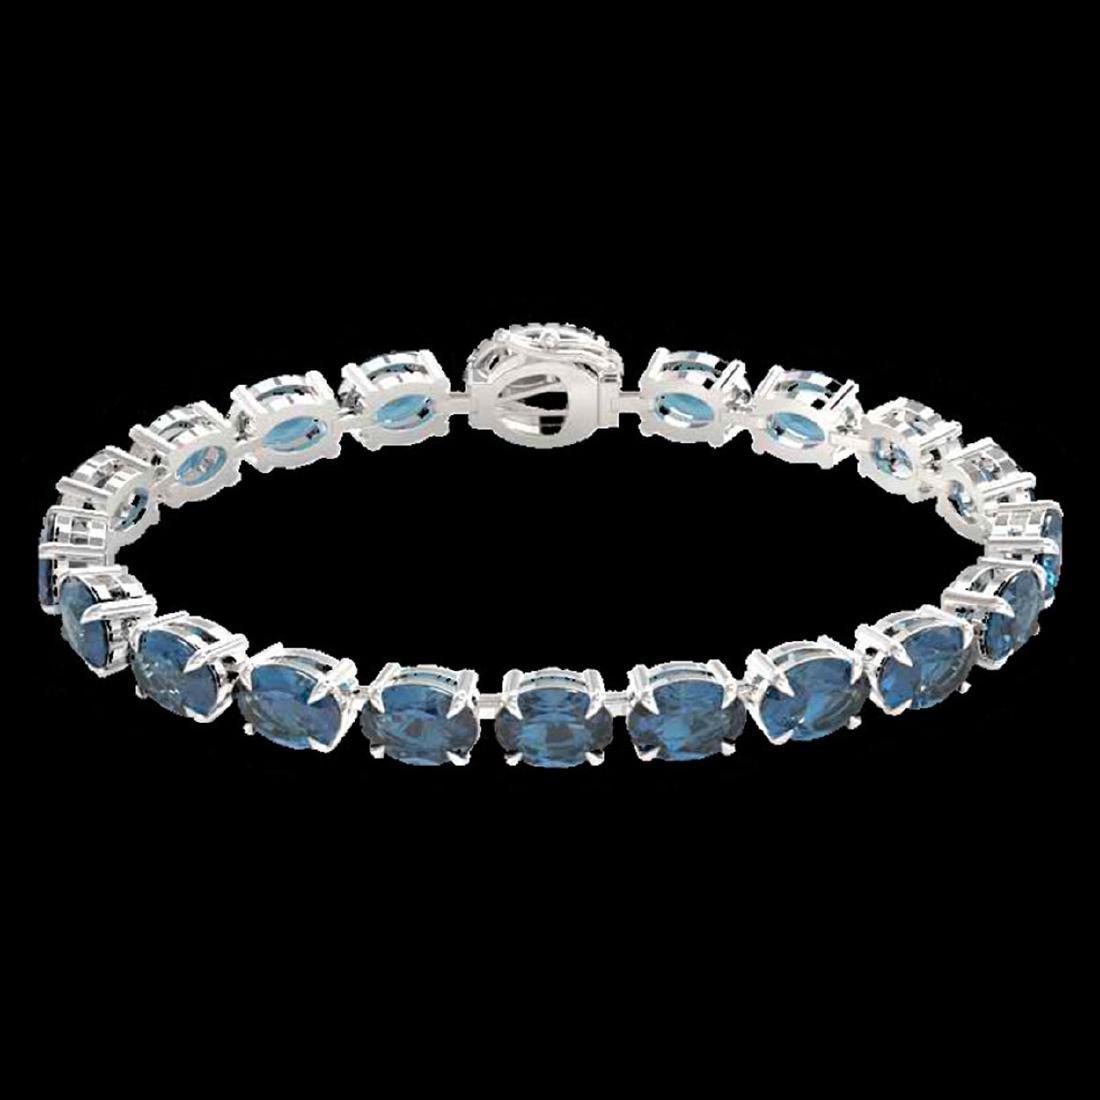 36 ctw London Blue Topaz & VS/SI Diamond Bracelet 14K - 2